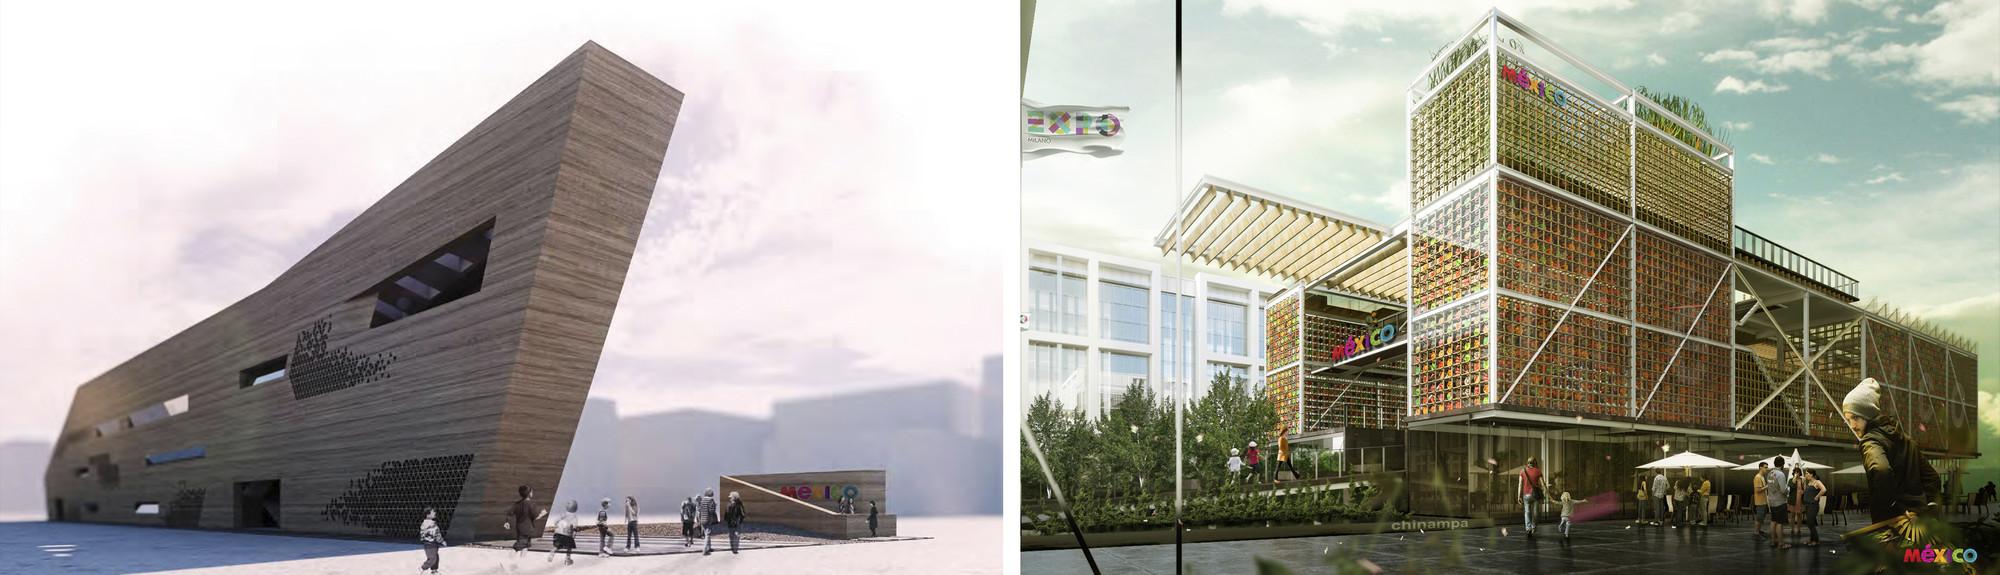 Menciones Honoríficas del Concurso para el Pabellón de México en la Expo Milán 2015, En imagen, a la izquierda proyecto de Manuel Díaz, Marcela Delgado, Emmet Truxes y Elena Tudela Rivadeneyra. A la derecha proyecto de Buscando la Aurora.